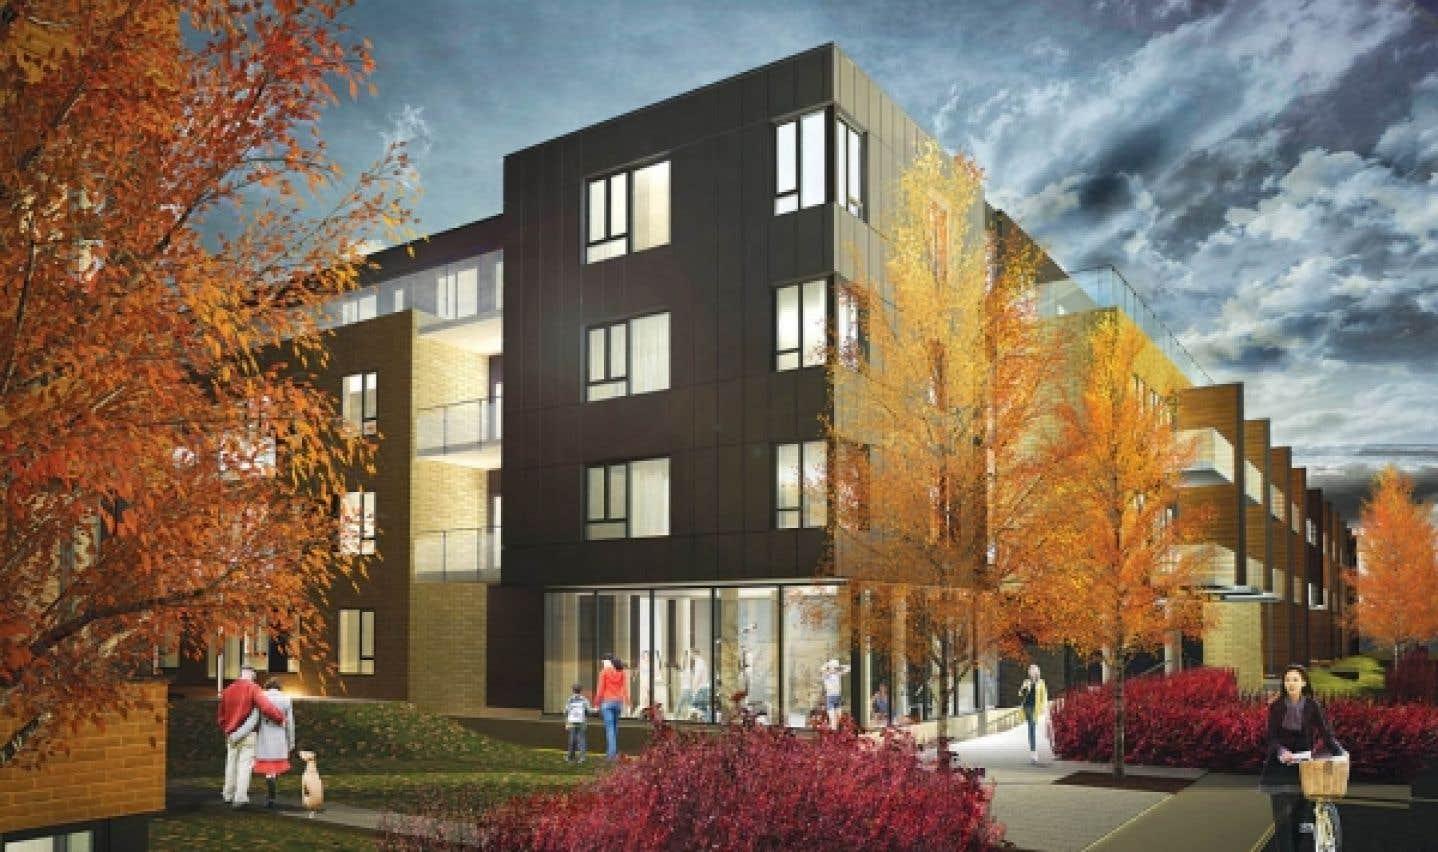 Espace MV3 - Des habitations spacieuses et abordables à Dorval